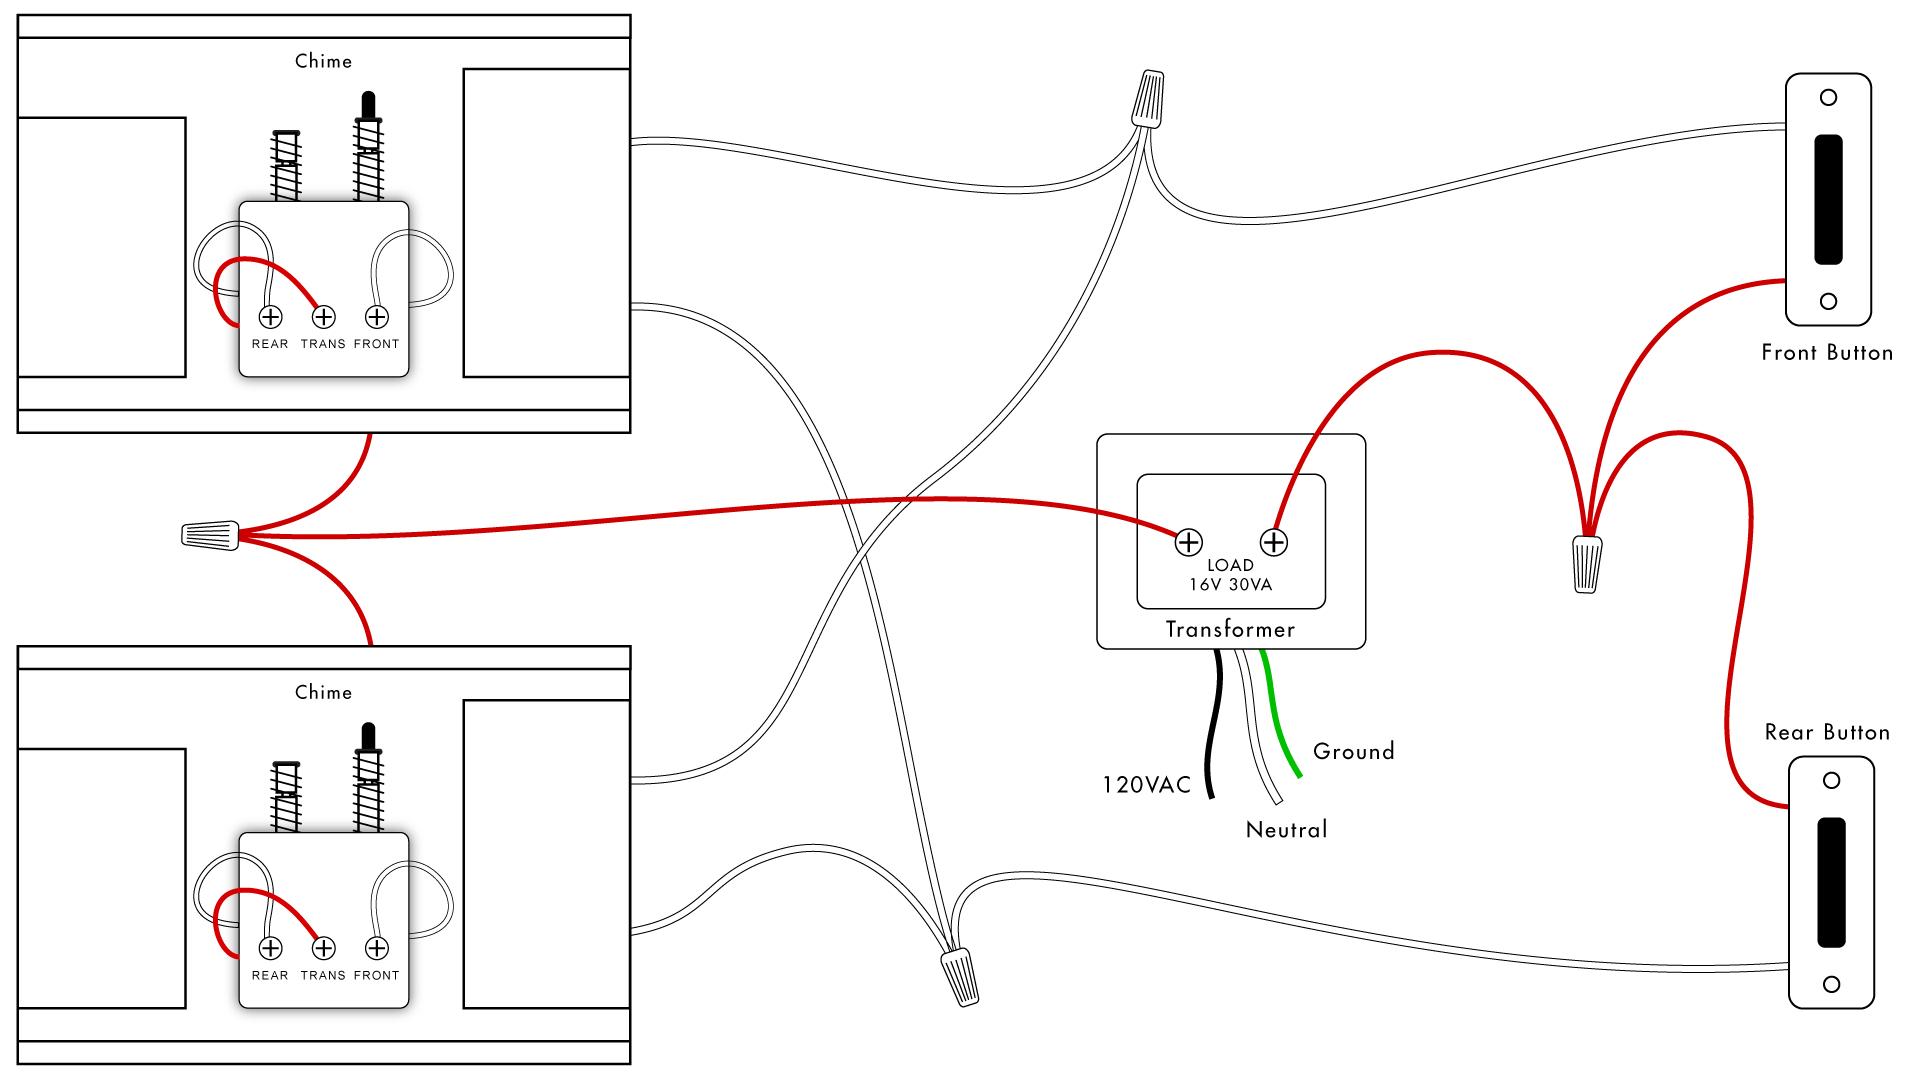 Doorbell Wiring Diagrams | Diy House Help - Doorbell Wiring Diagram Two Chimes